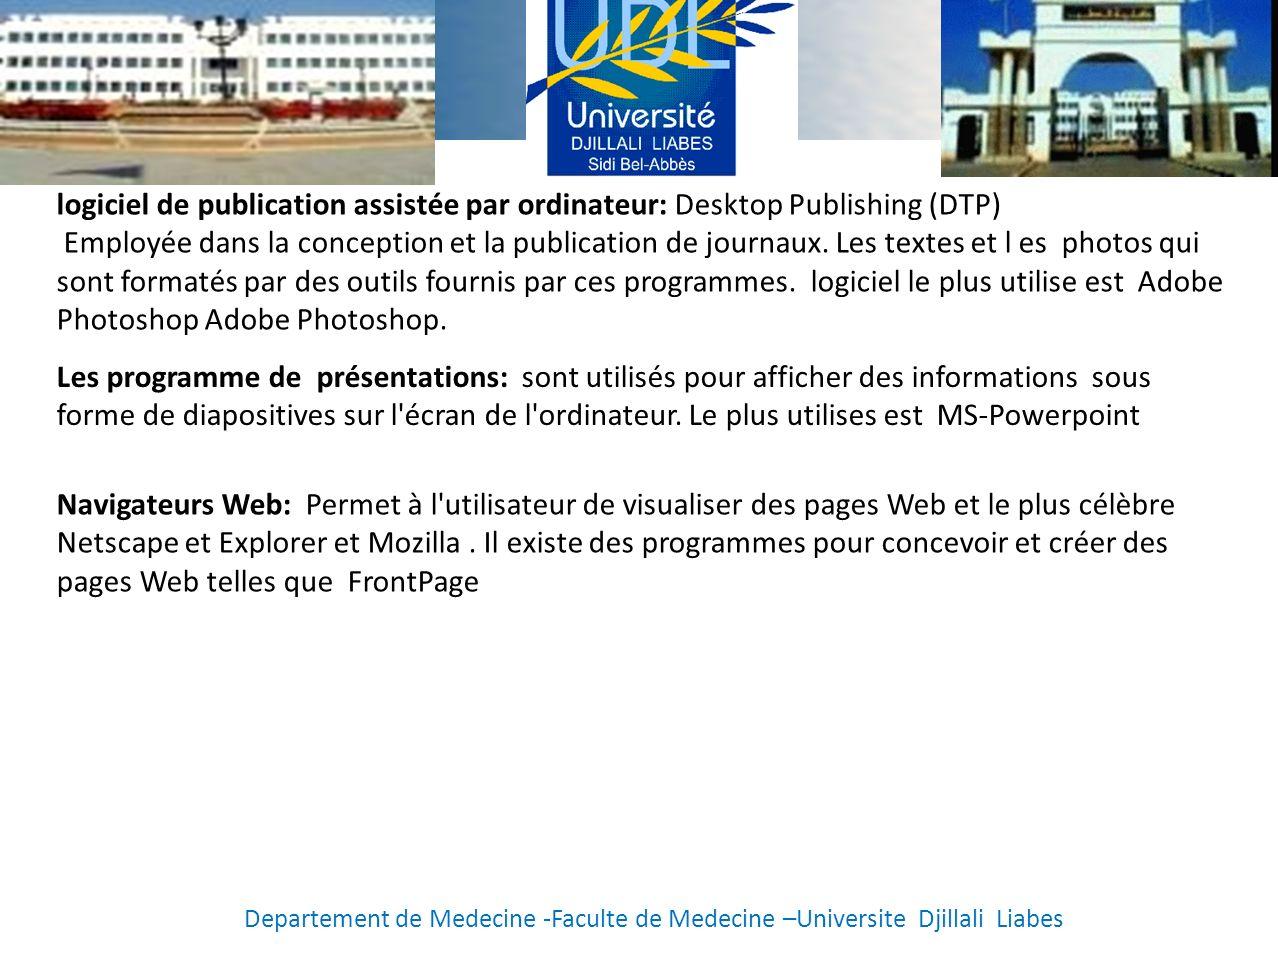 logiciel de publication assistée par ordinateur: Desktop Publishing (DTP) Employée dans la conception et la publication de journaux. Les textes et l es photos qui sont formatés par des outils fournis par ces programmes. logiciel le plus utilise est Adobe Photoshop Adobe Photoshop.